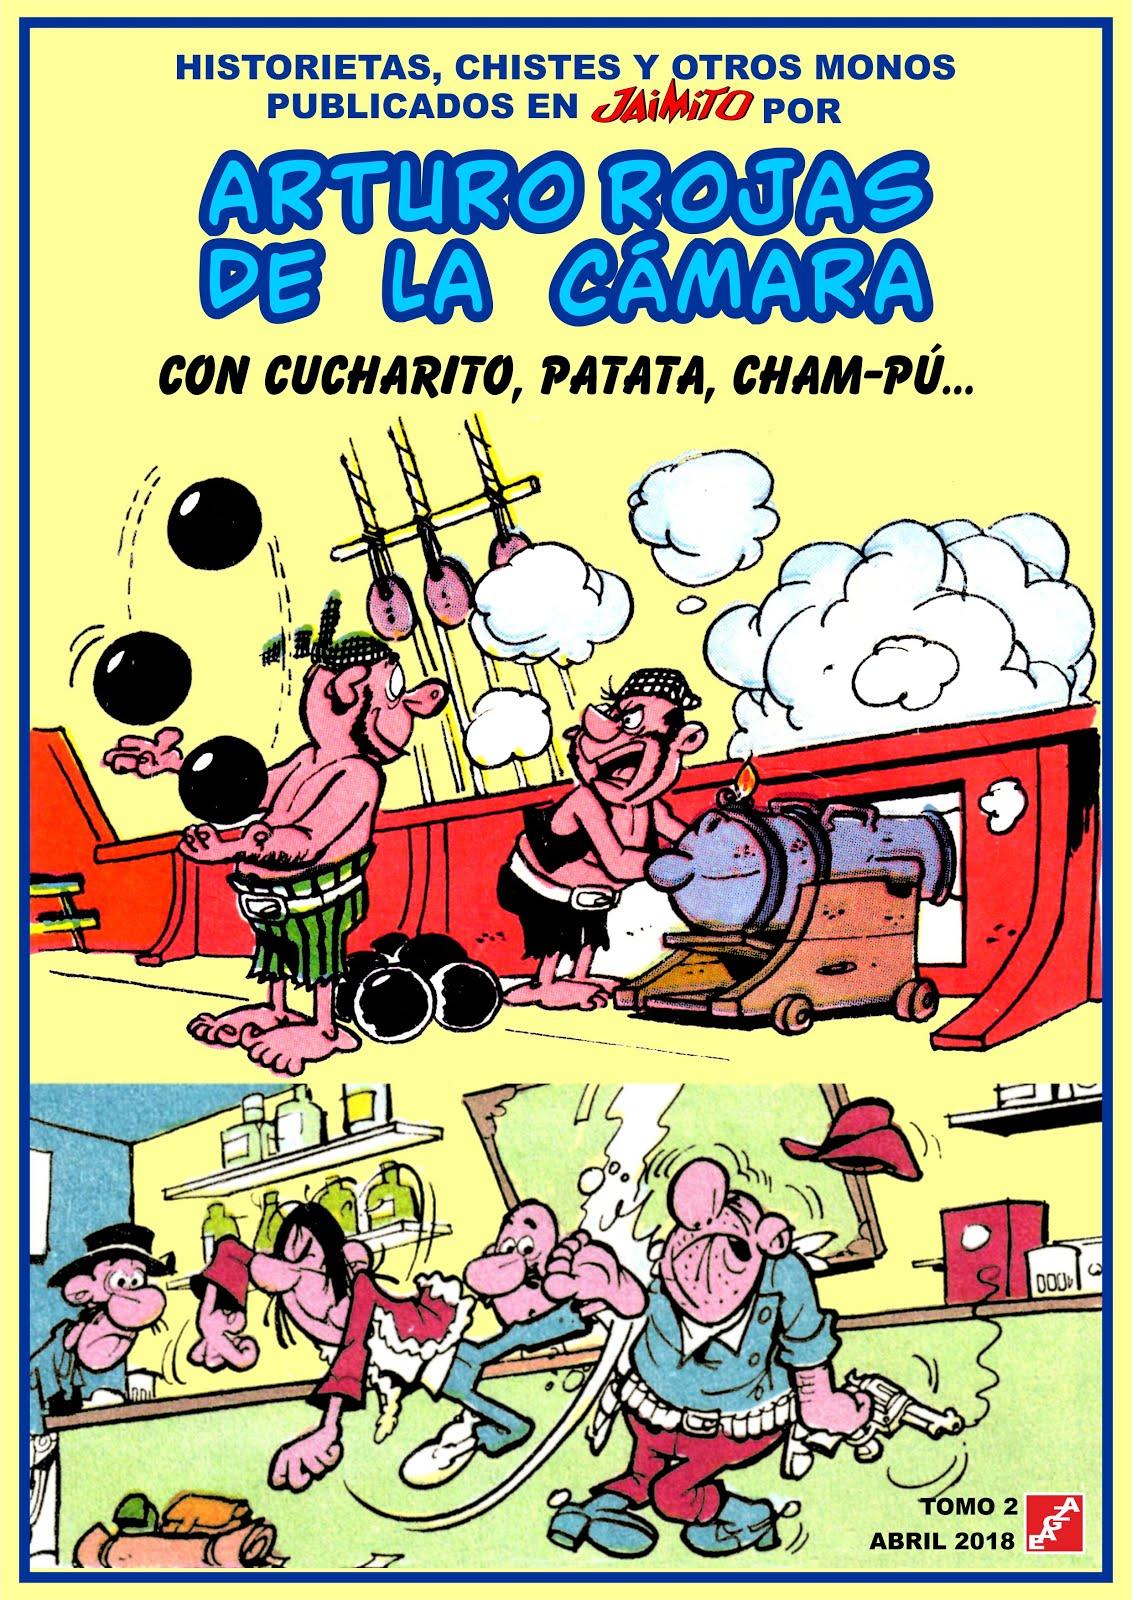 Arturo Rojas de la Cámara - Tomos 01 - 02 - EAGZA